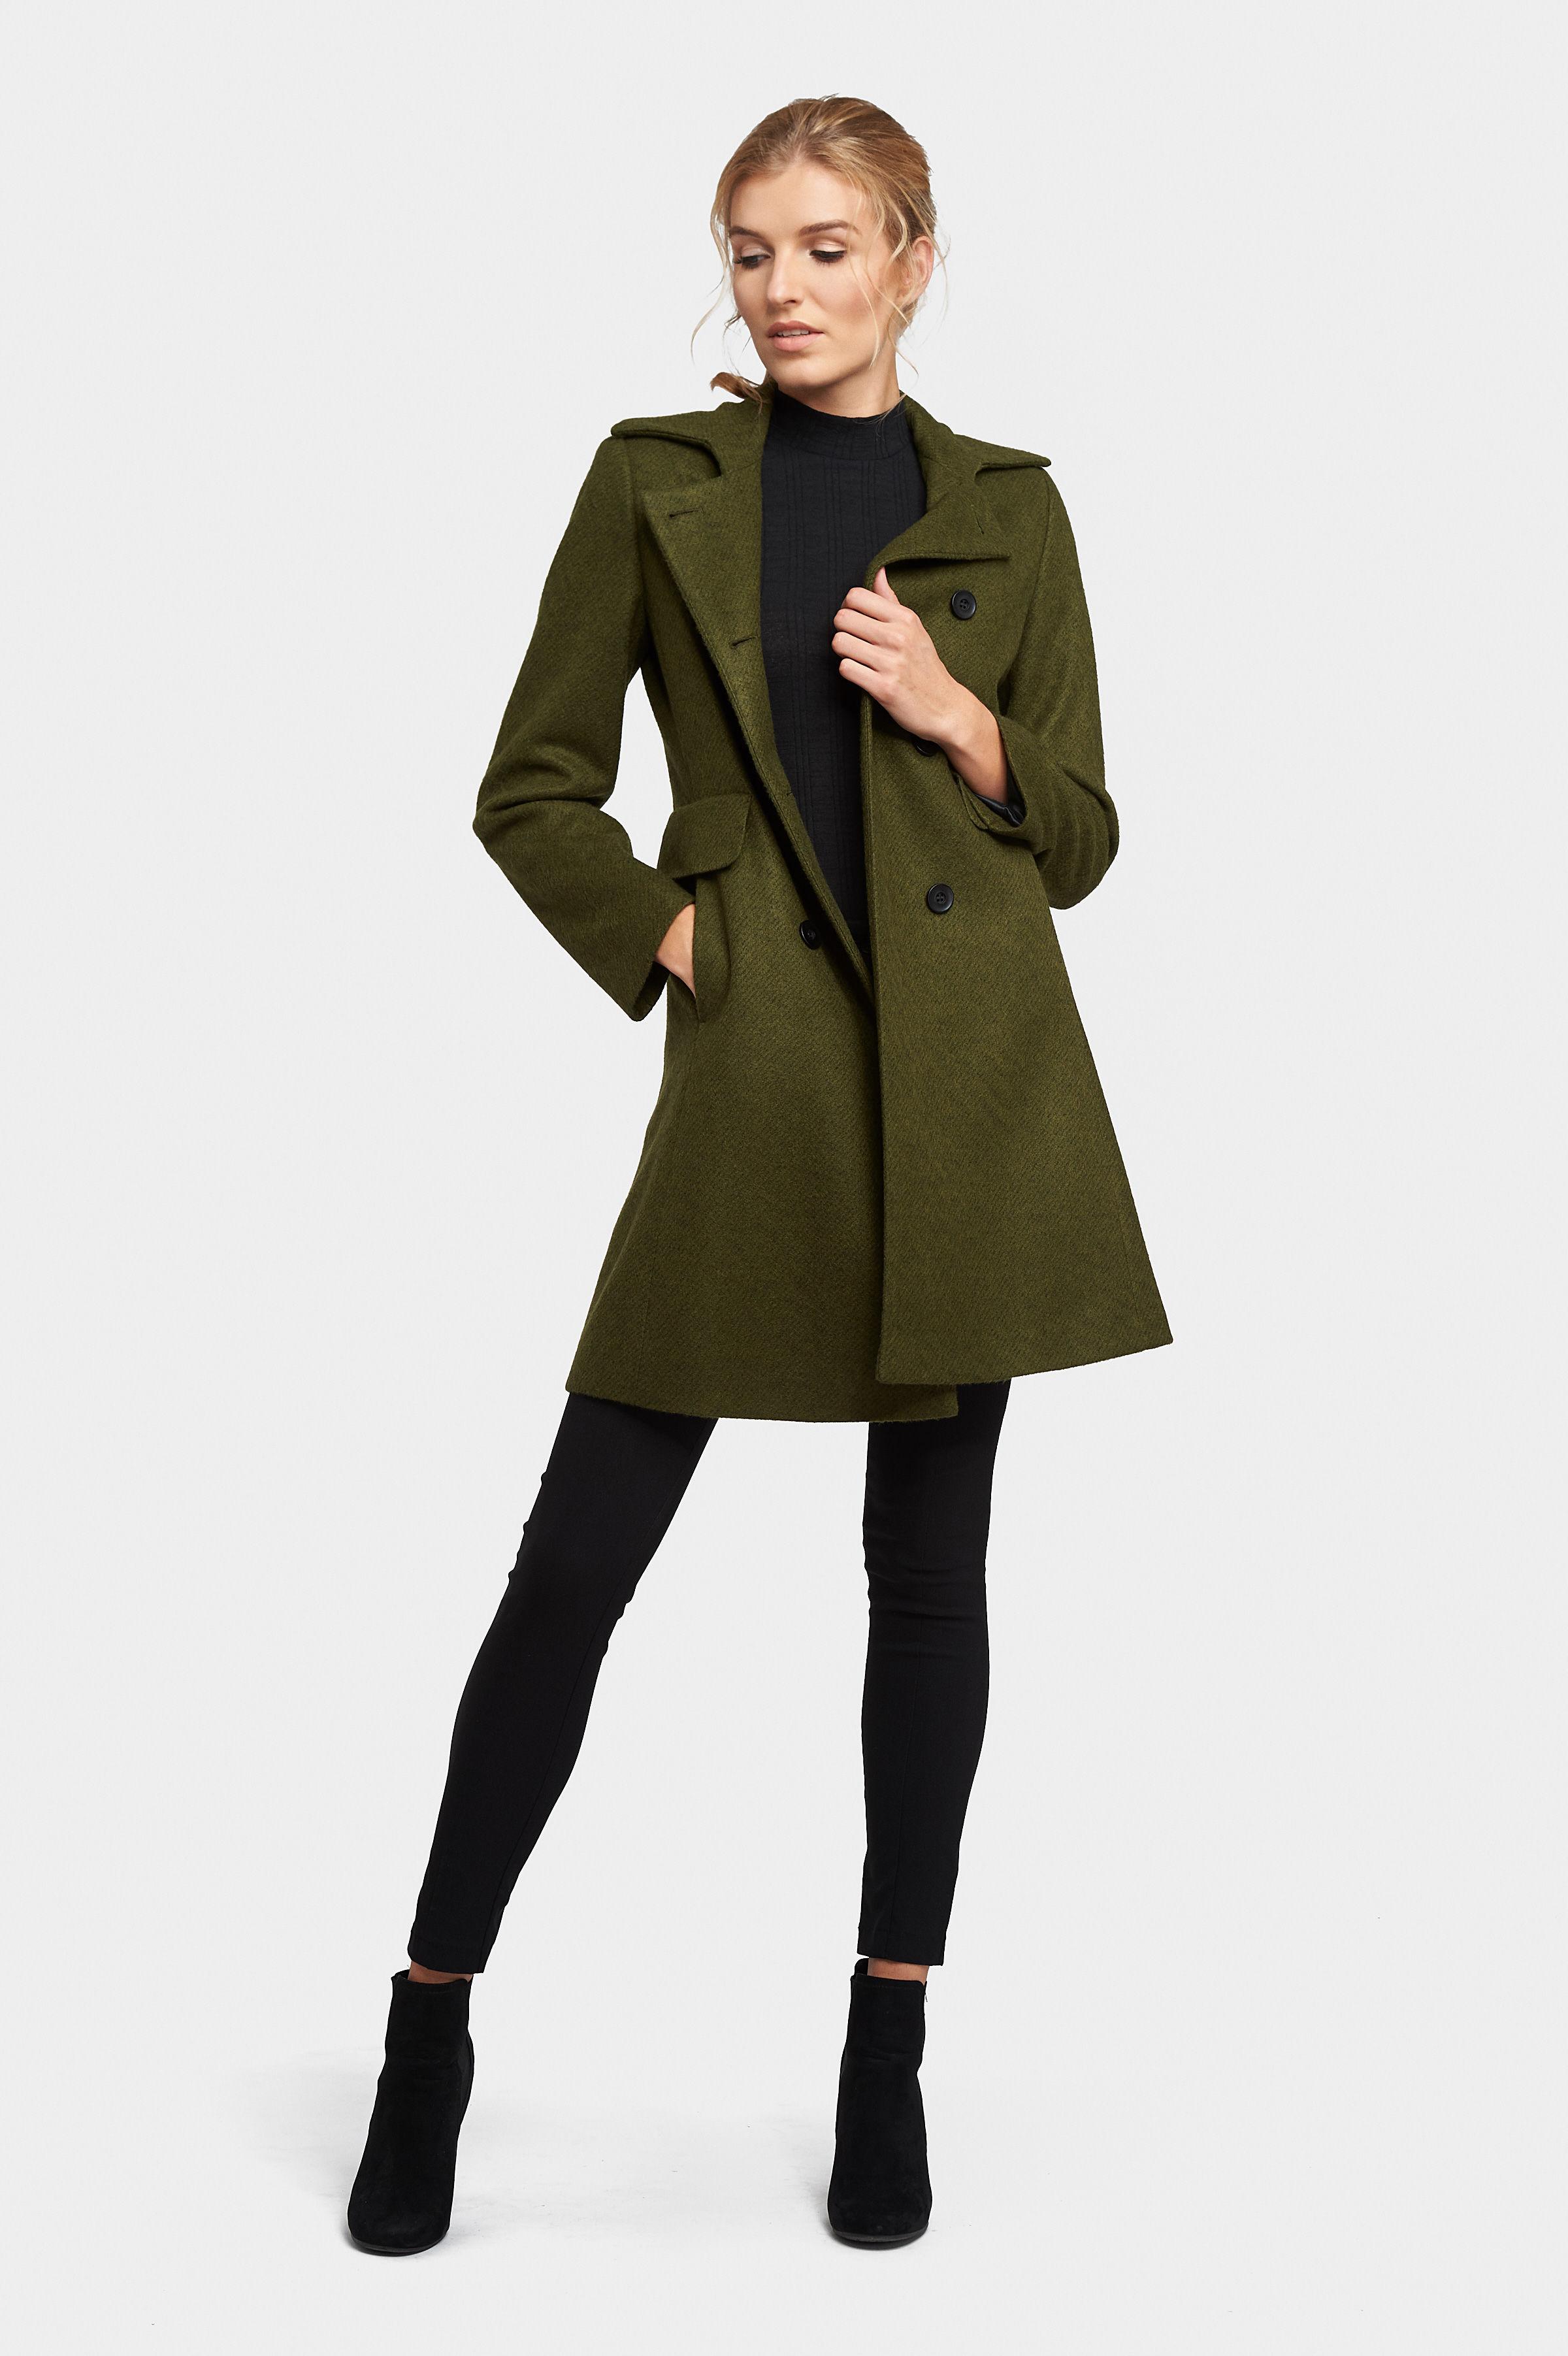 Kabát Cedric - Kabáty - Kolekcia - Chantall.sk 35a4ef88ce